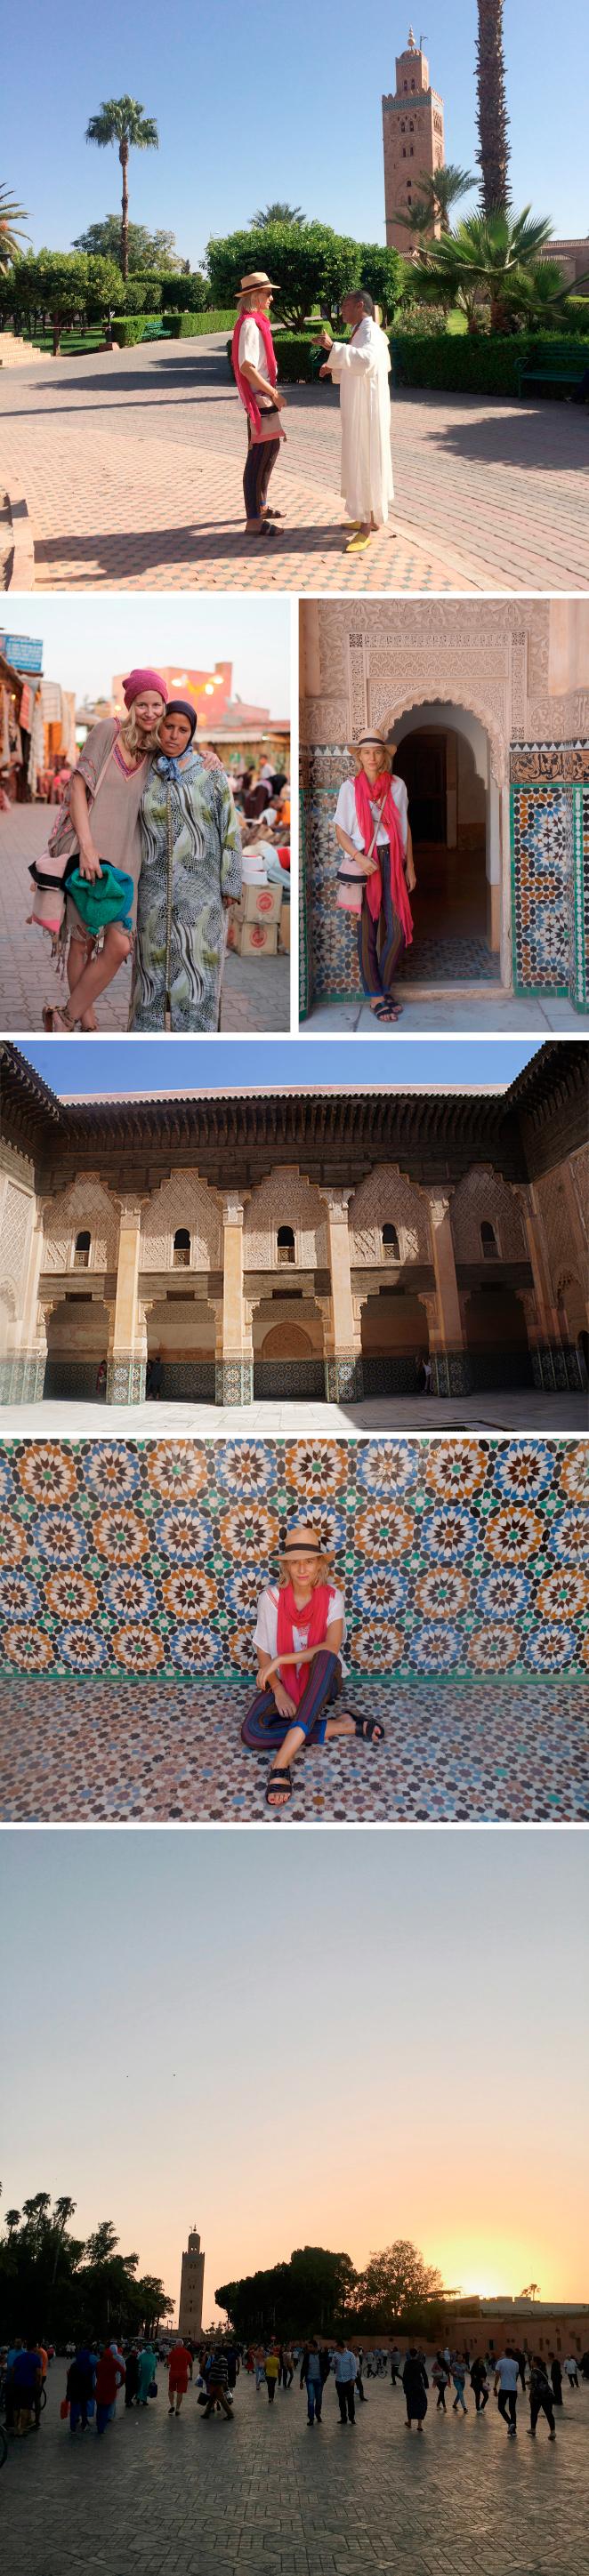 Cada esquina tiene una historia propia, como el minarete de la mezquita de Koutubia, rematado con tres bolas de oro creadas con las joyas fundidas de una princesa que redimió así su pecado de no haber ayunado en Ramadán; la calle de las siete vueltas (la primera de Marrakech, construida en el siglo XI); la Madrassa Ben Yusef, una escuela coránica de la Edad Media de estilo morisco con artesonados en relieve que simbolizan la esperanza; o la Jemma El-Fna, punto de encuentro de los habitantes de la ciudad, donde encuentras comida típica marroquí, plantas medicinales, artesanía... y un verdadero ir y venir de gente que convierte esta plaza en el corazón de Marrakech, declarada Patrimonio de la Humanidad en el 2001 por la UNESCO. Allí me encanta tomar, al atardecer, un té moruno en el Café Francés, un establecimiento mítico donde se reúnen los intelectuales bohemios de la ciudad.